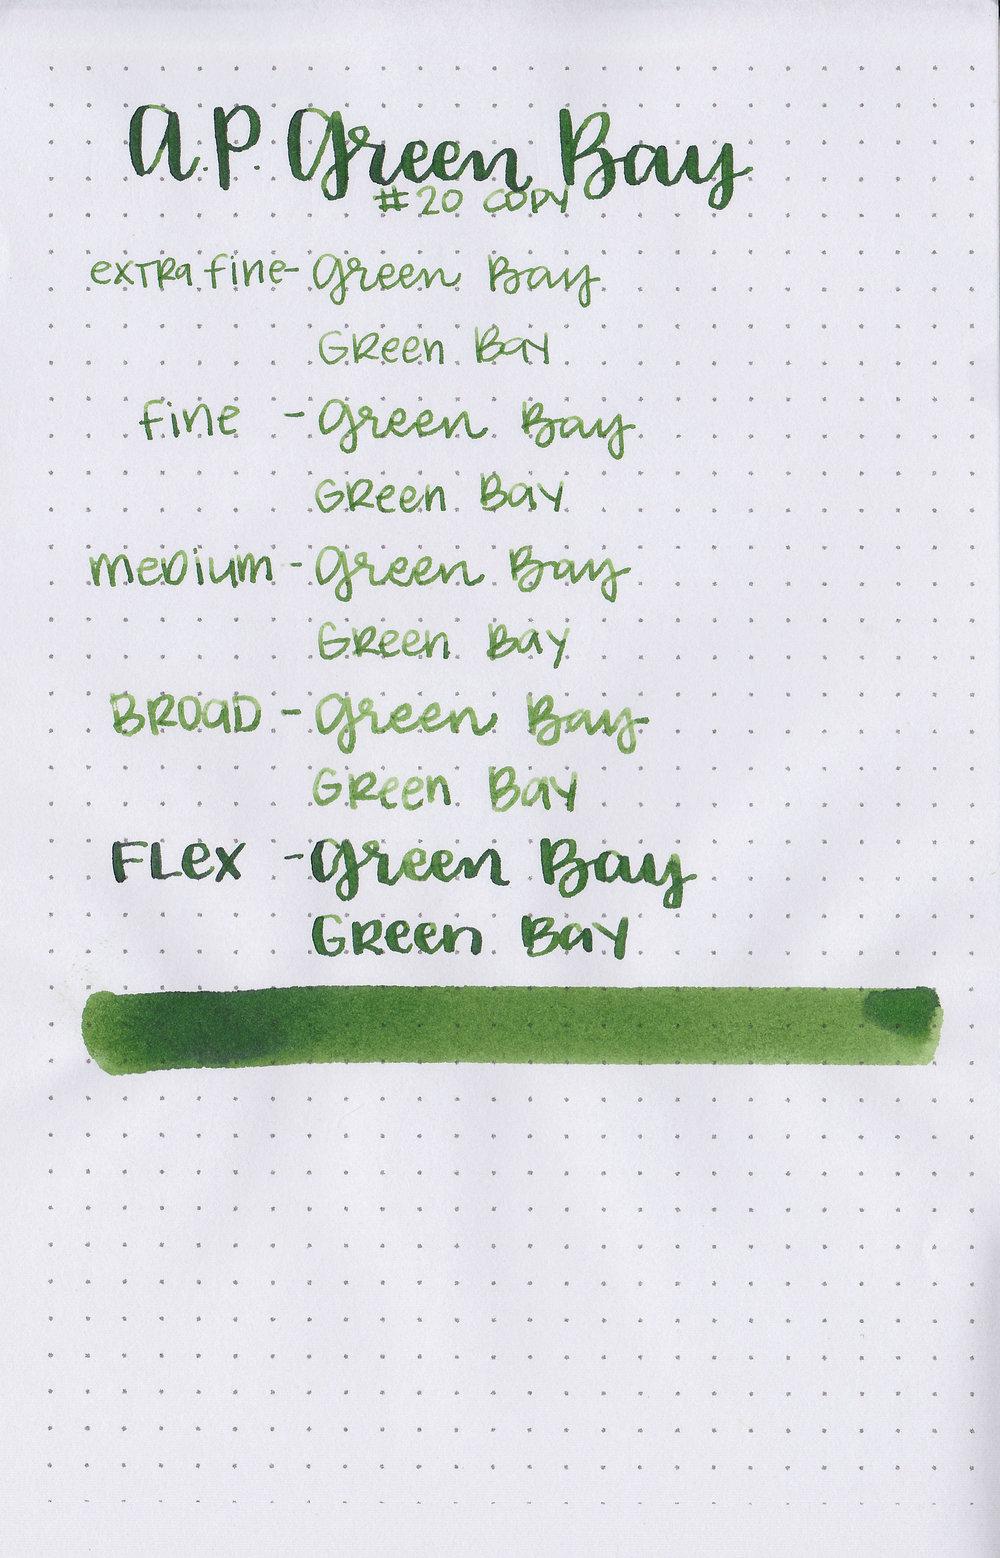 ap-green-bay-10.jpg